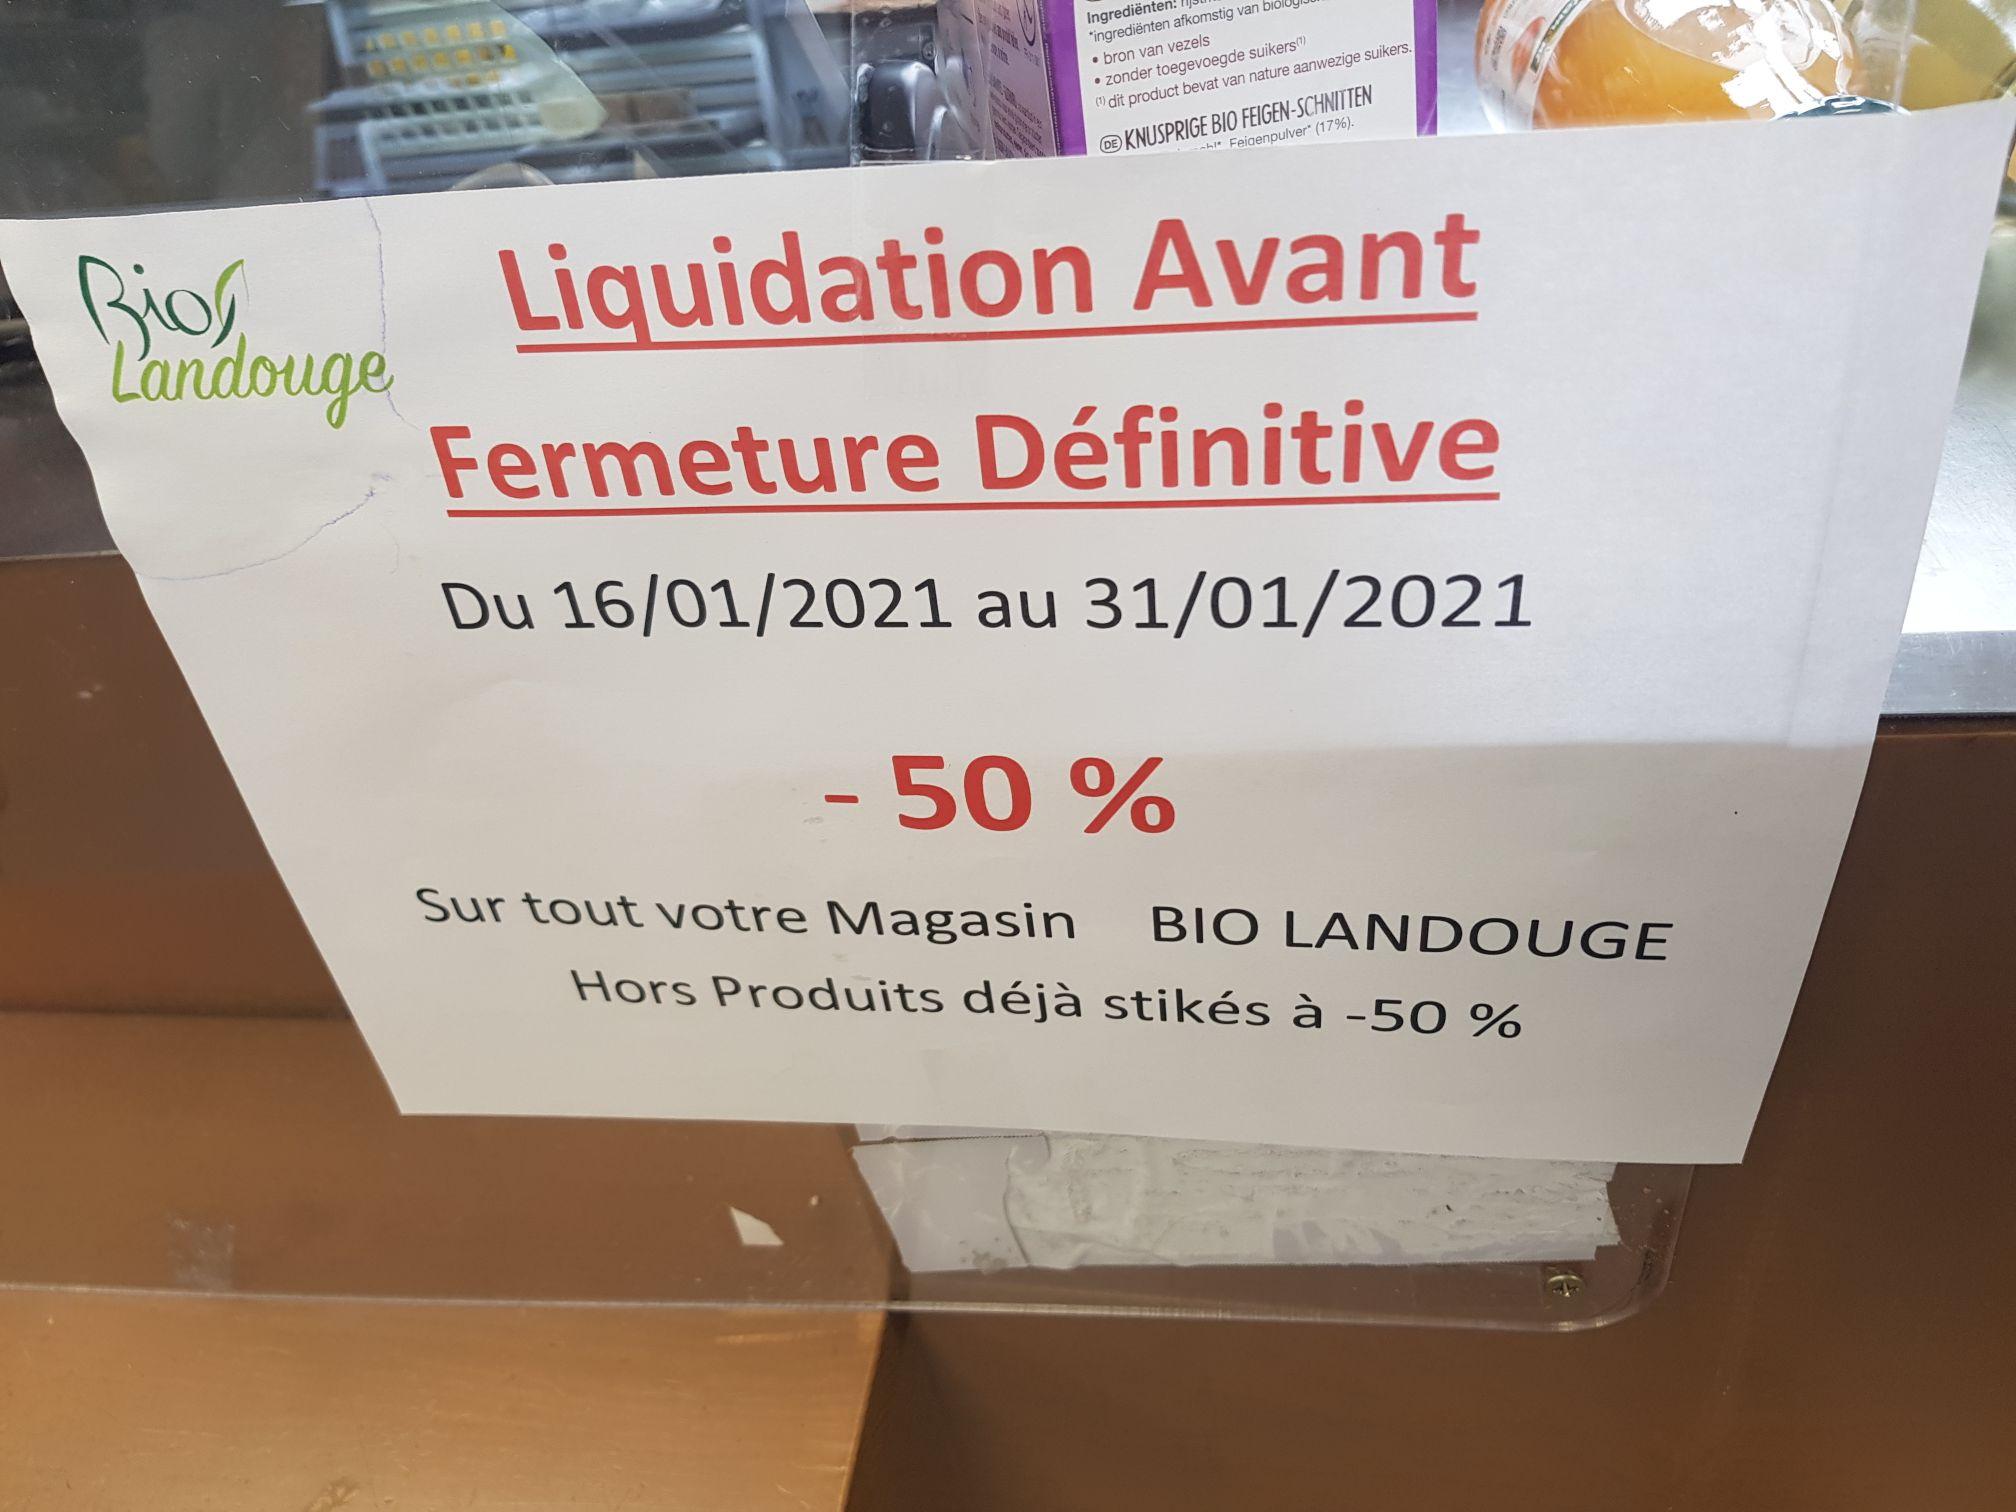 50% de remise sur tout le magasin - à Bio Landouge (Limoges 87)